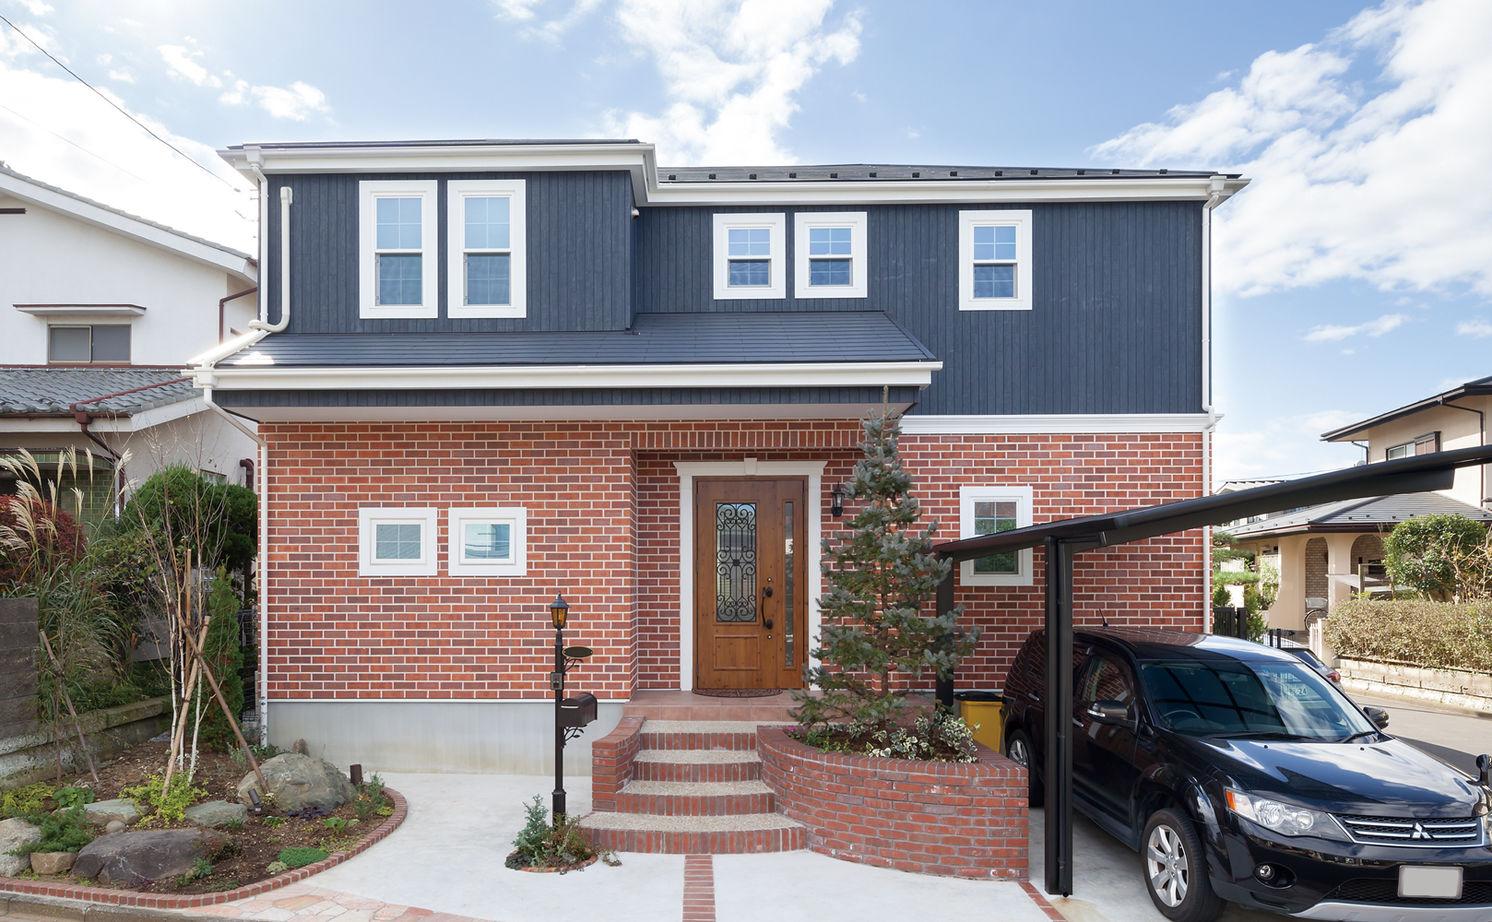 【1000万円台・間取り図公開】アメリカ住宅の軽やかなデザインを再現。リビング階段とパノラマ窓のある家画像1